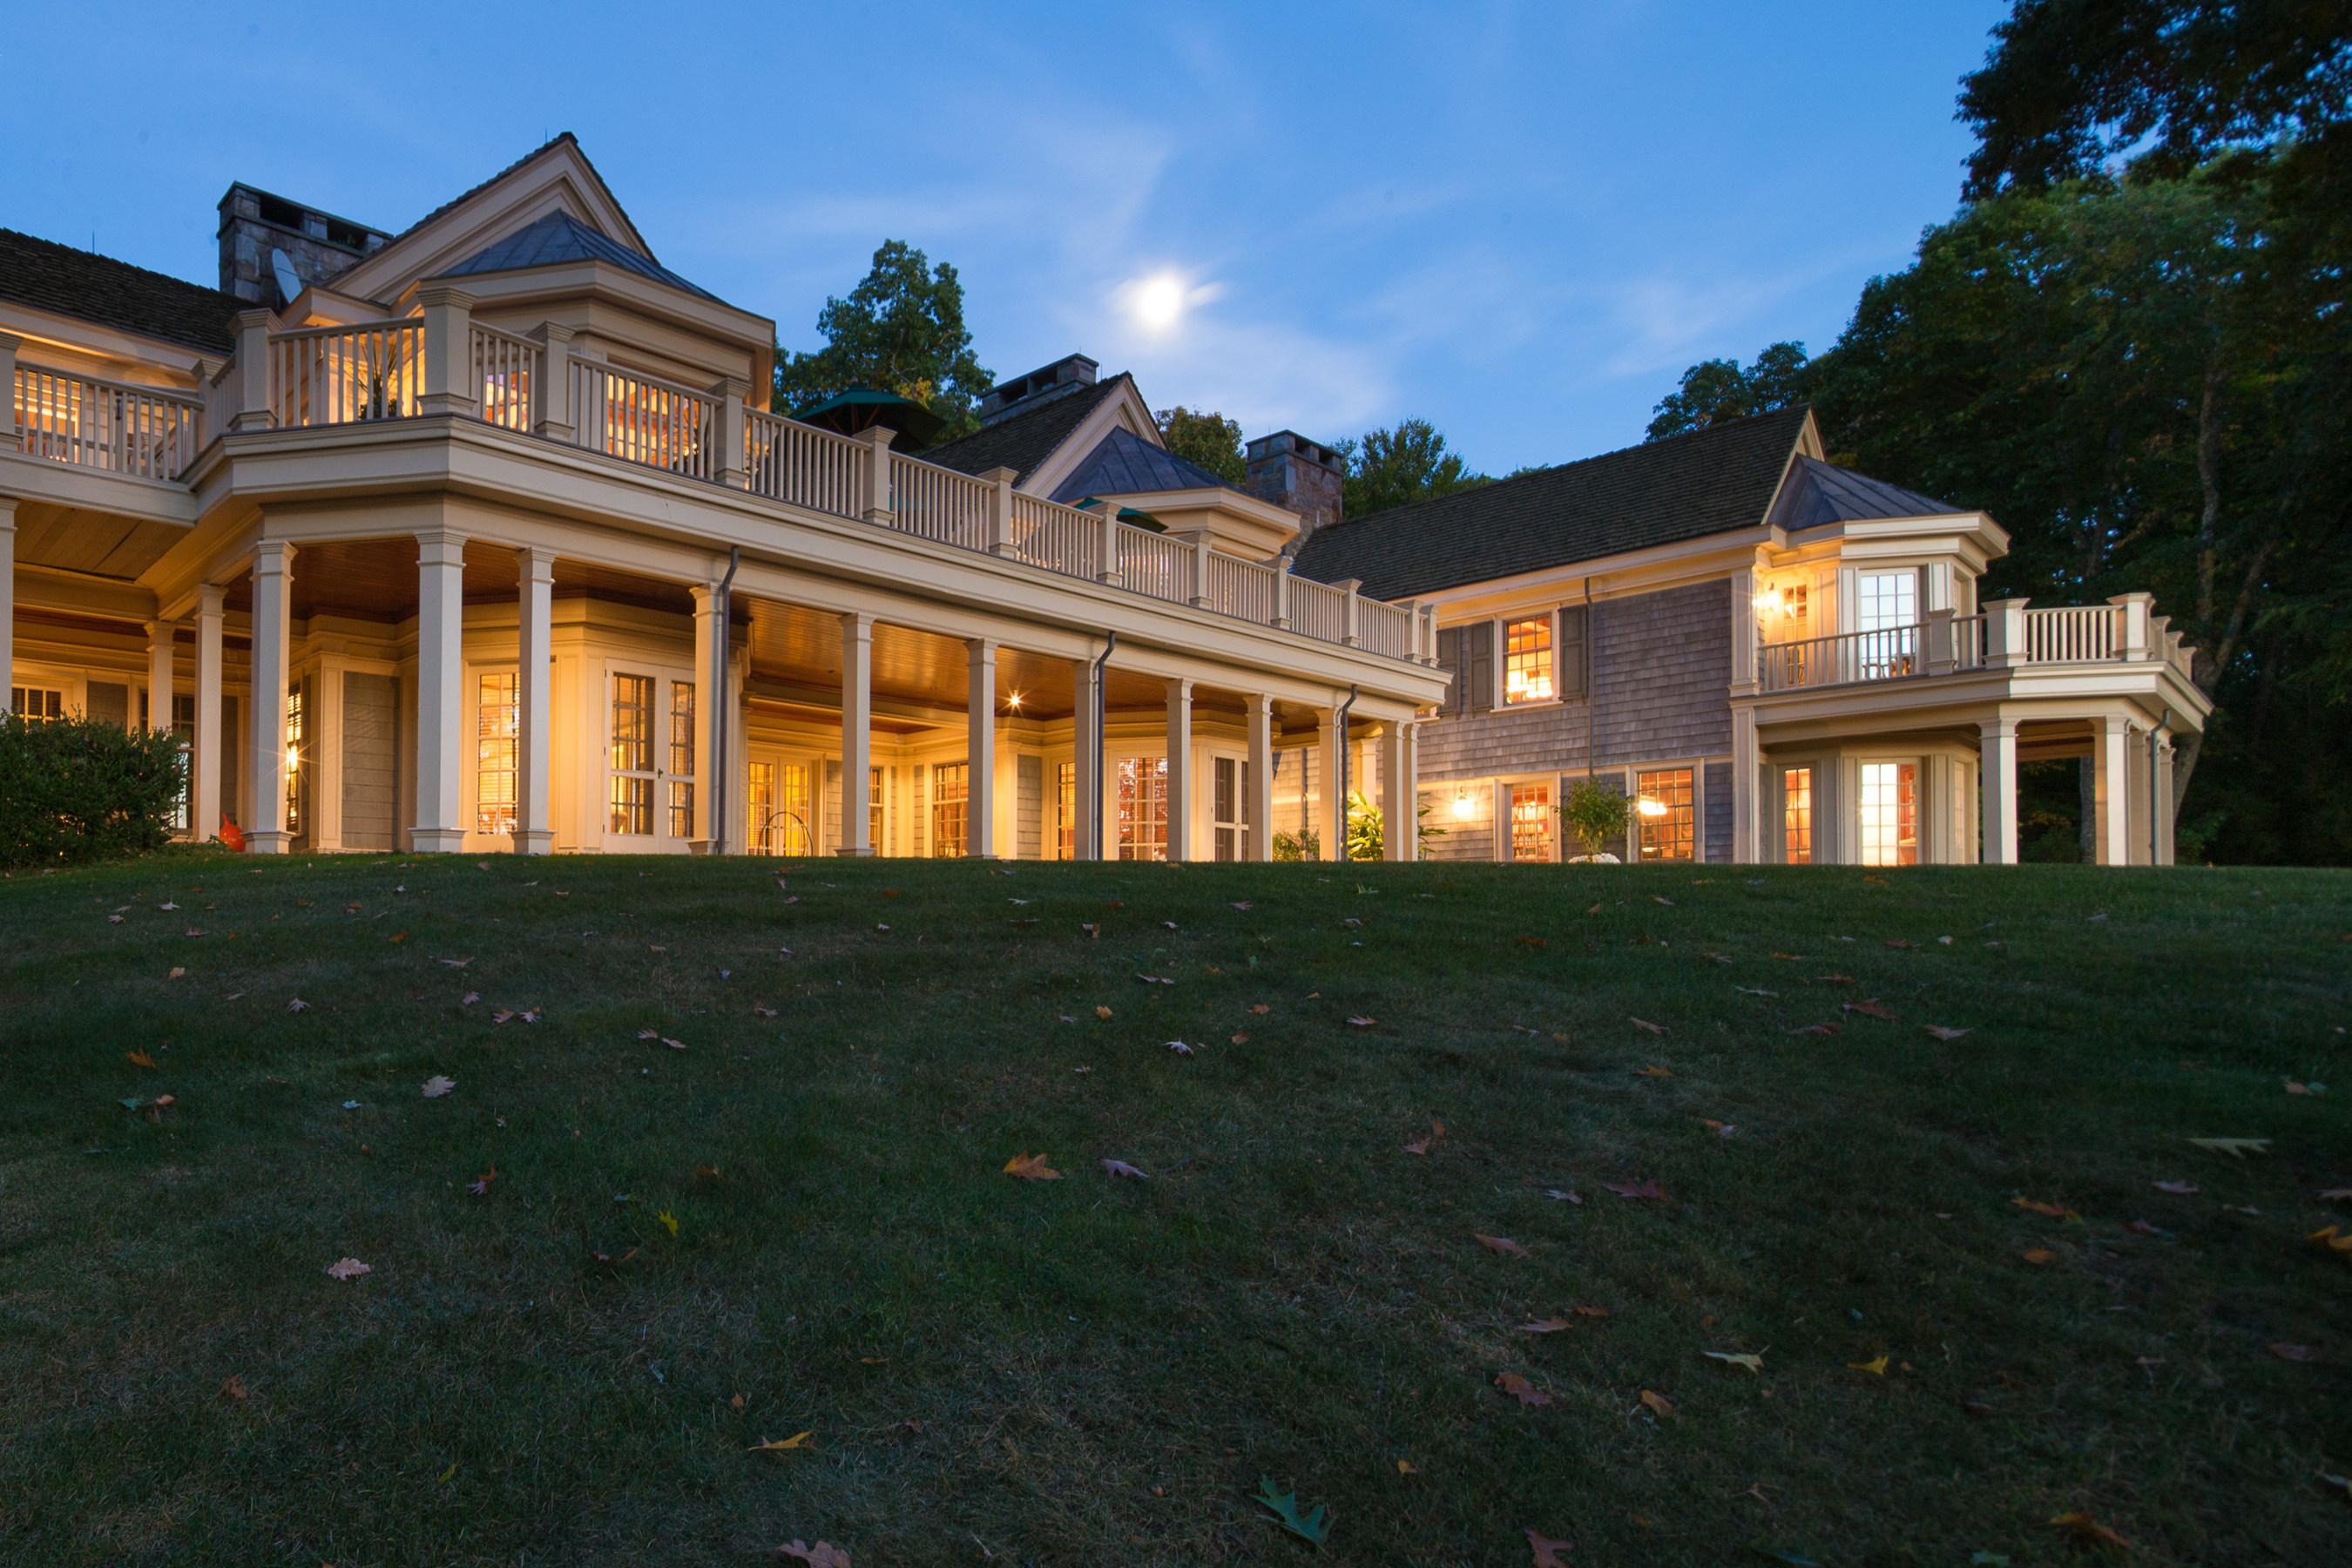 Platinum Luxury Auctions Announces Auction of 42-Acre Connecticut Estate